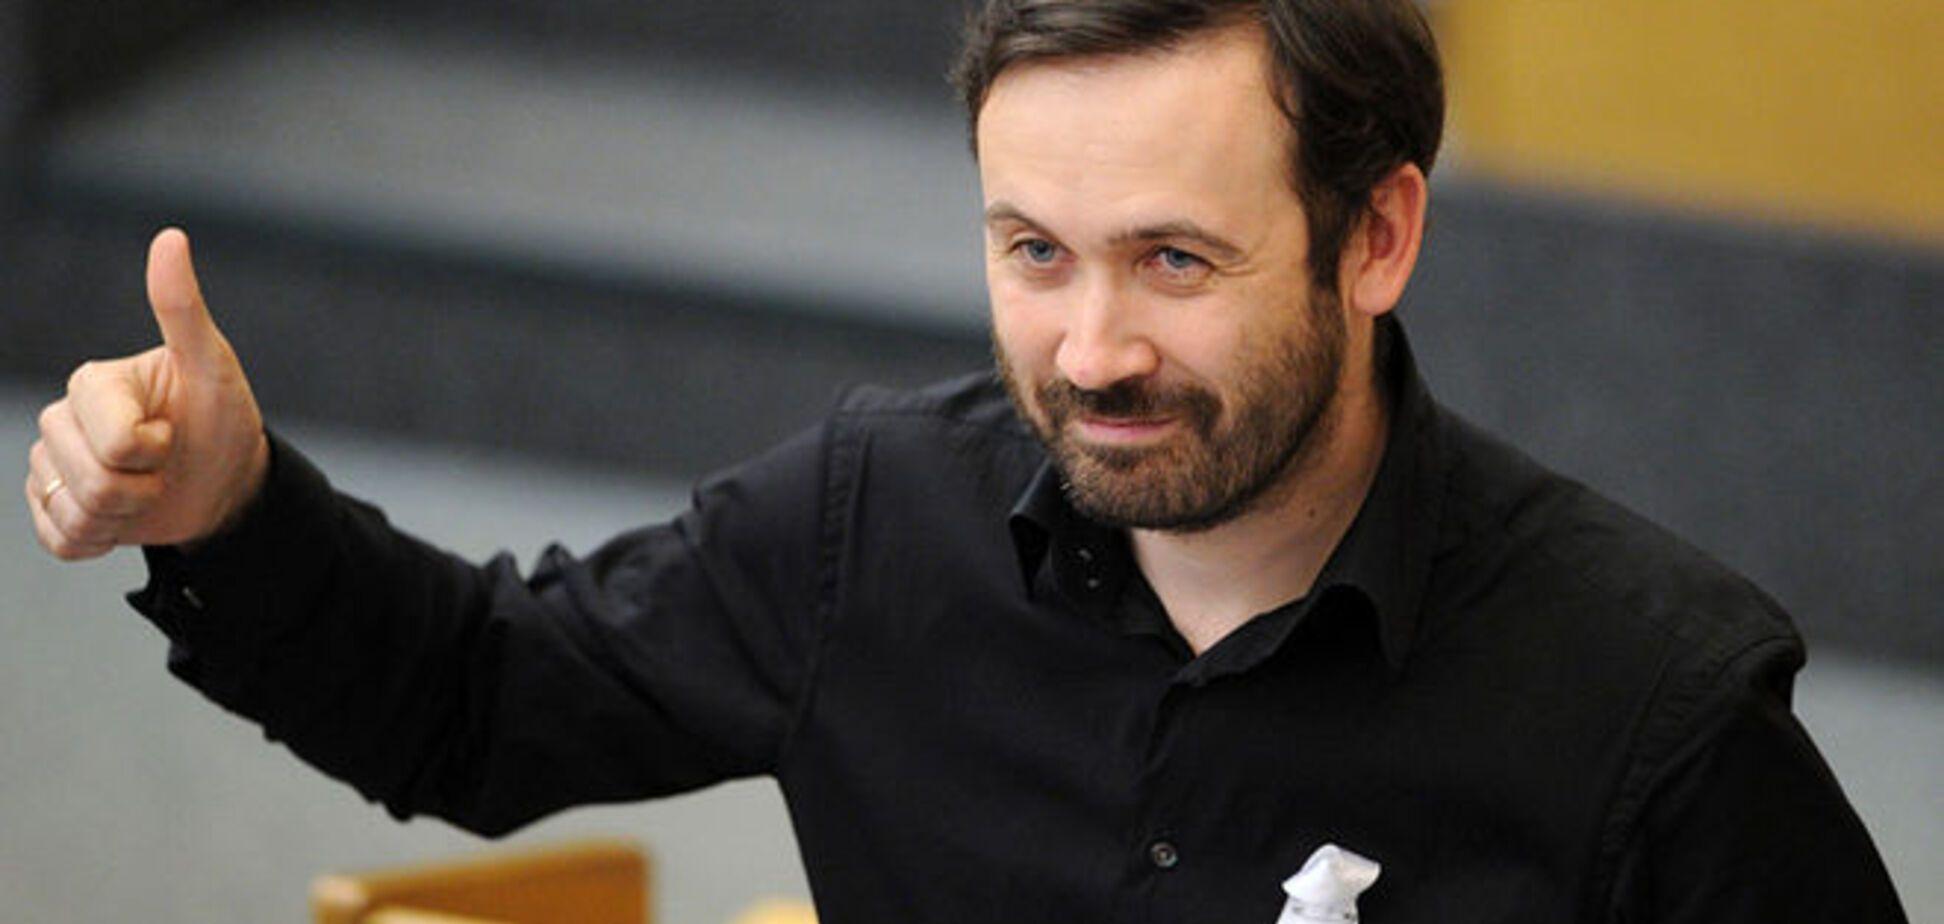 У Росії заочно заарештували депутата, який засудив анексію Криму